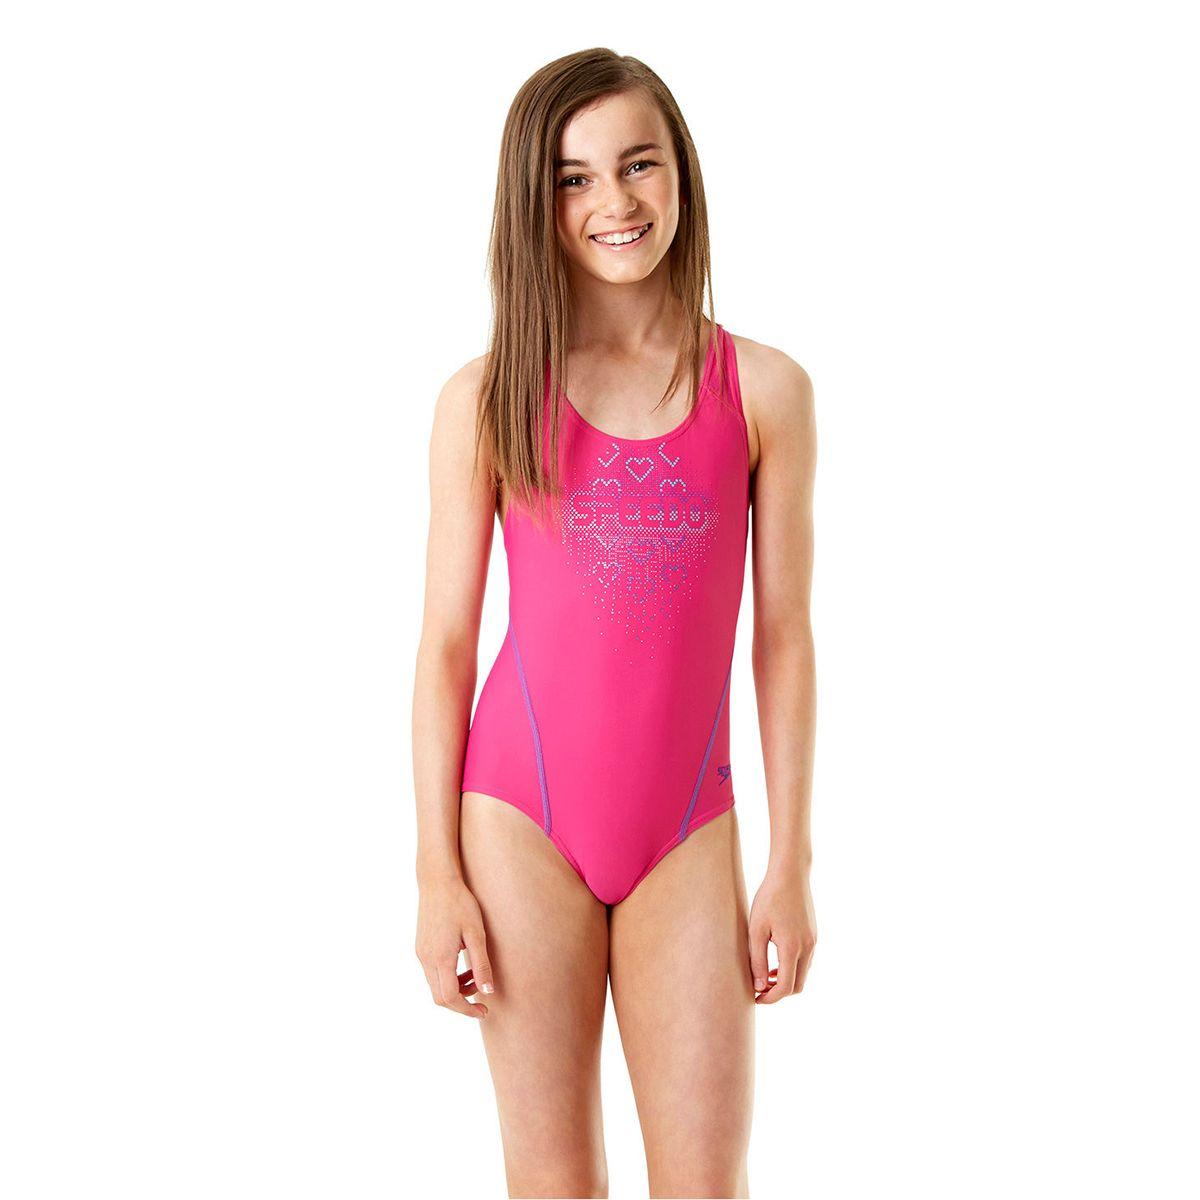 Speedo Endurance 10 Logo Splashback Girls Swimsuit on 14 Times Table